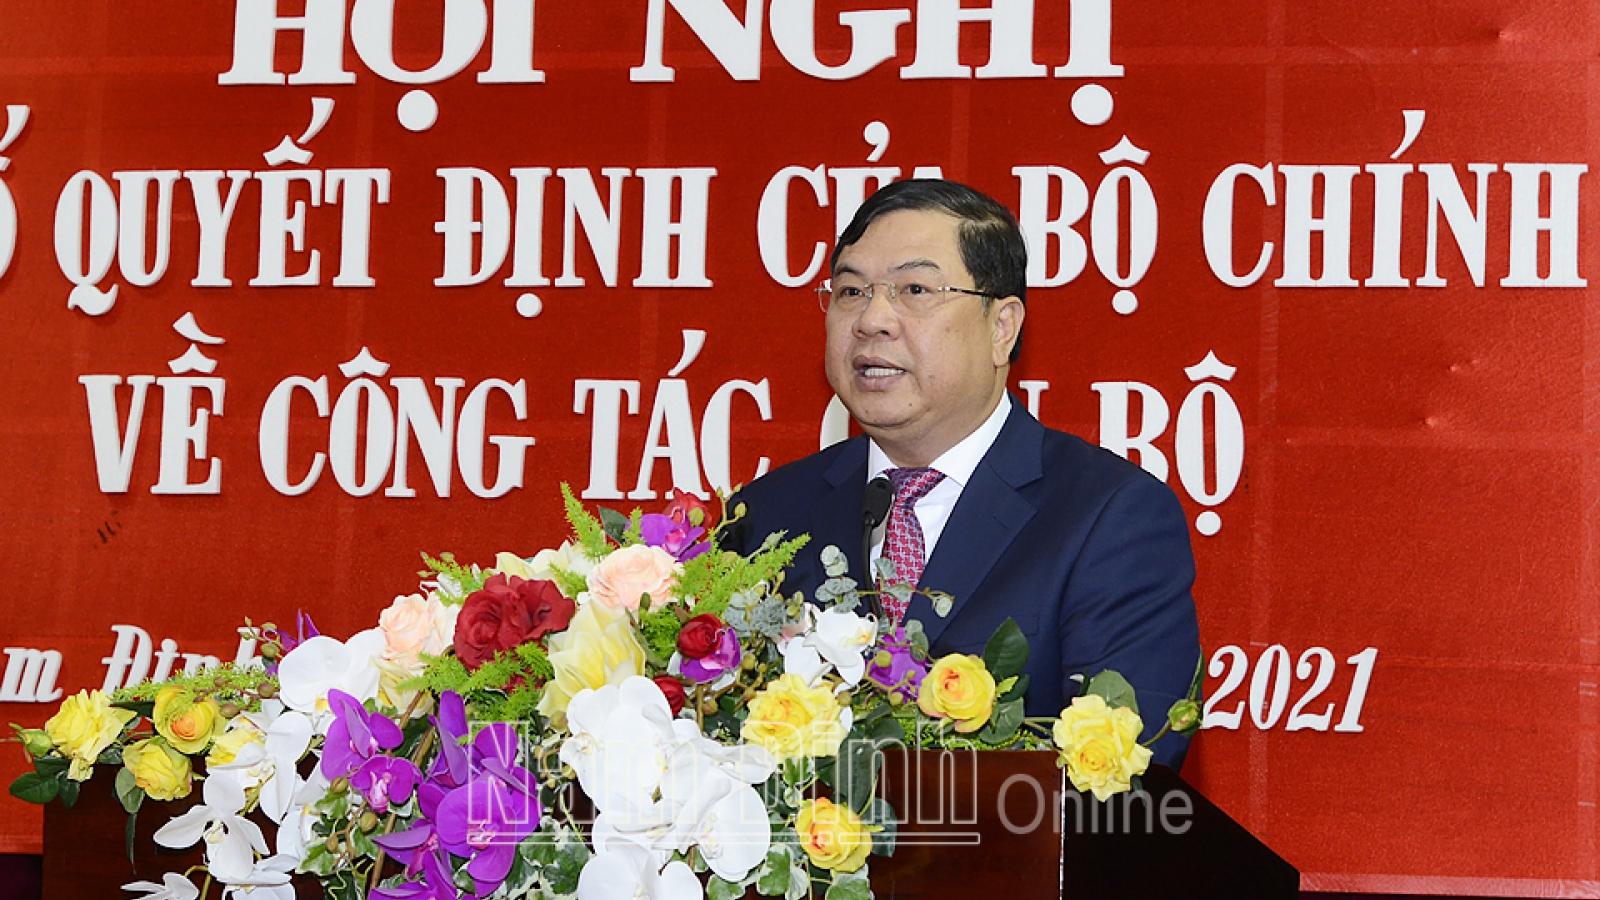 Ông Phạm Gia Túc được điều động làm Bí thư Tỉnh ủy Nam Định